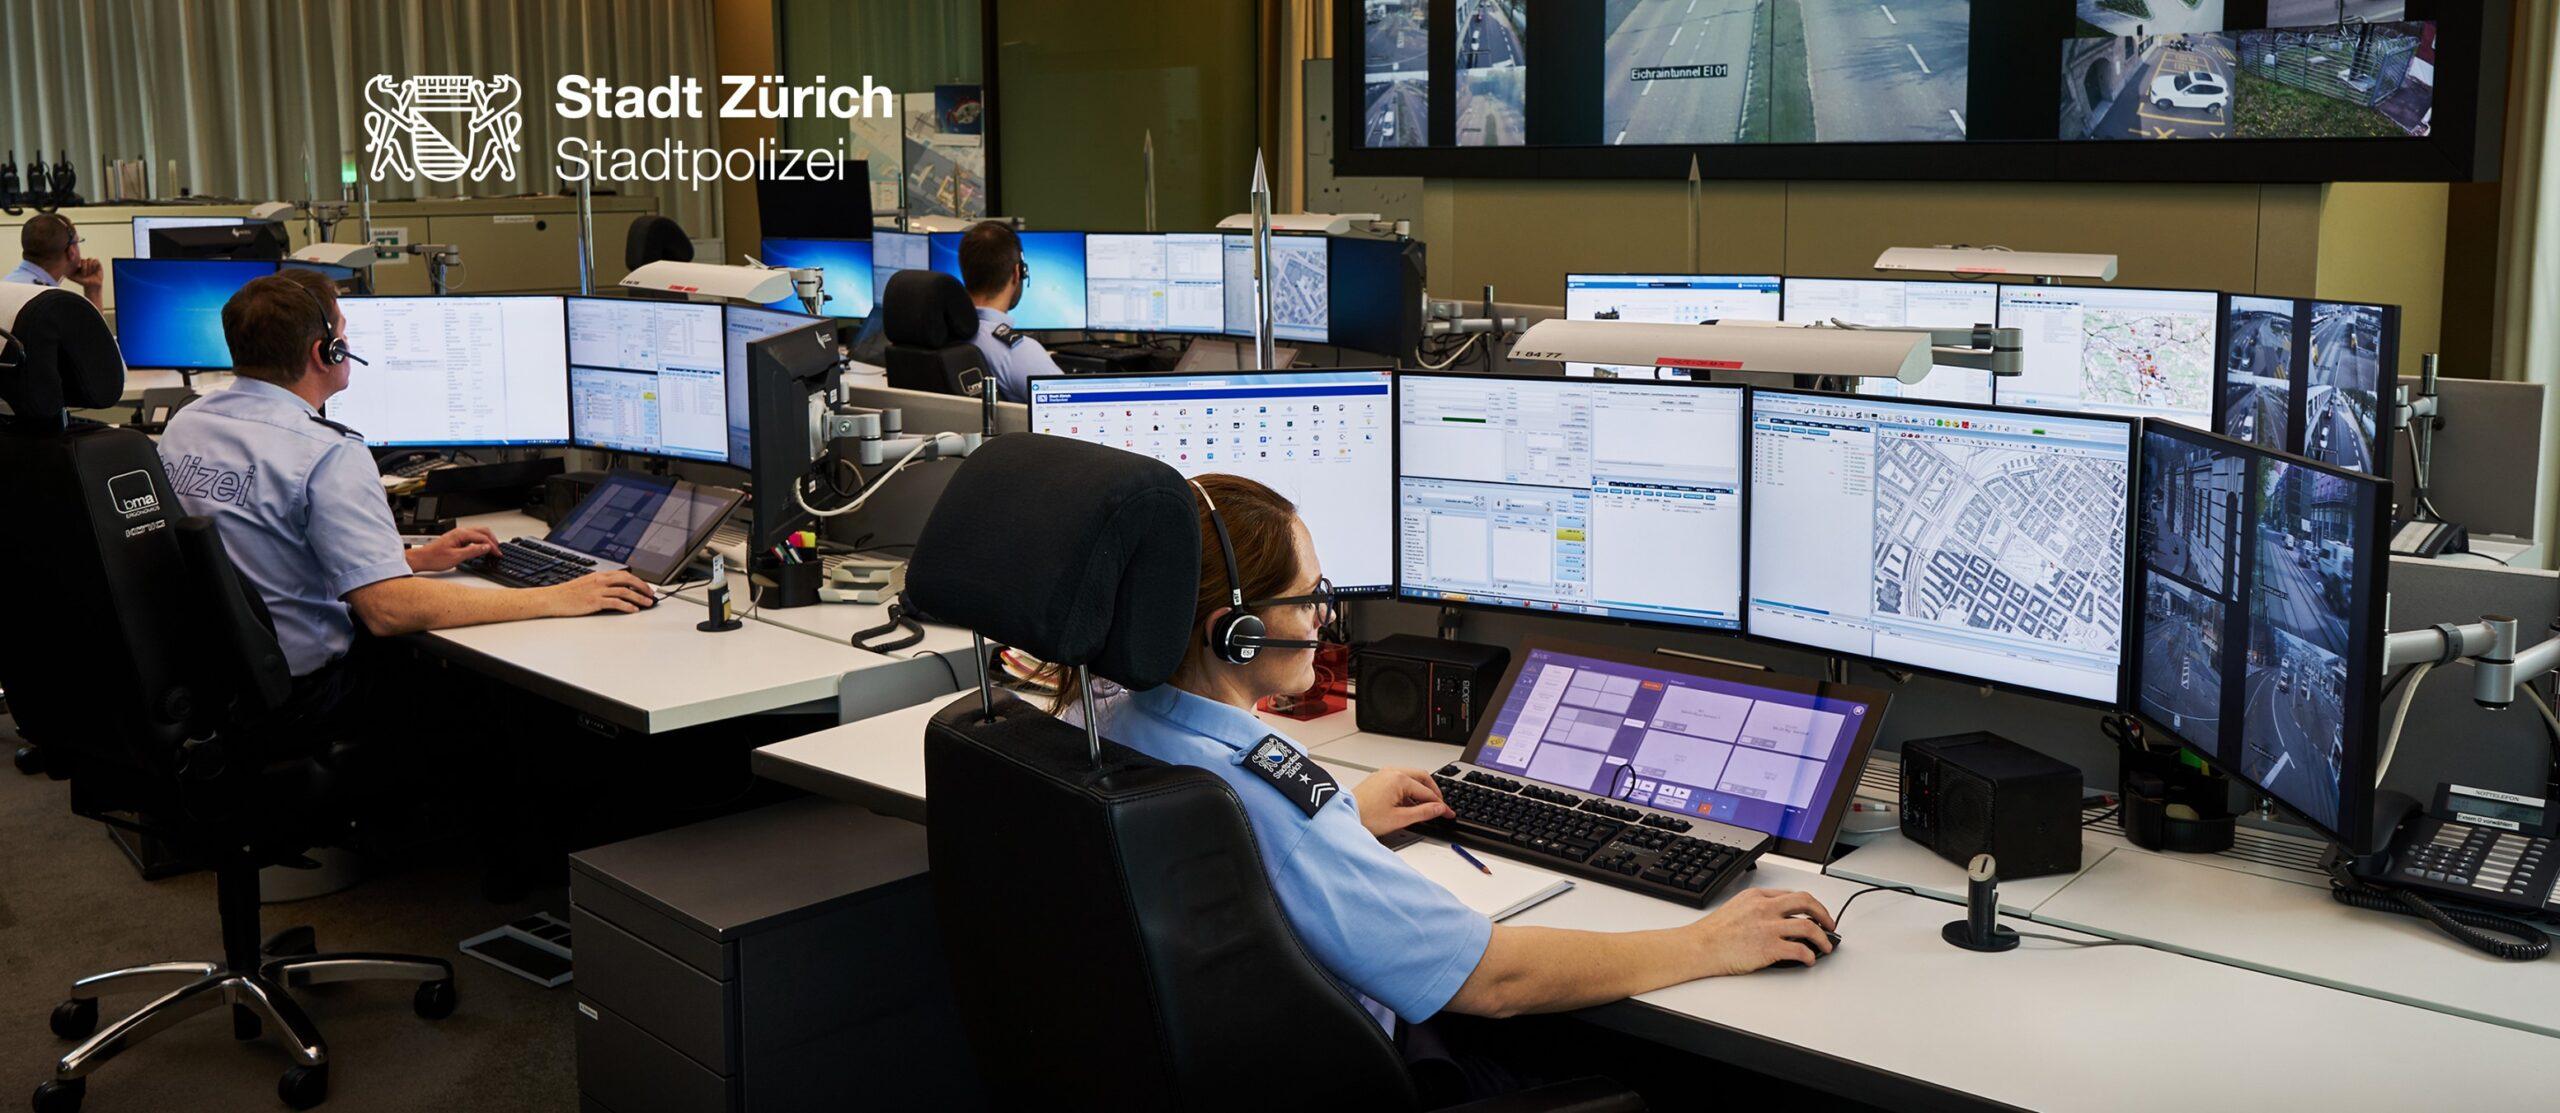 Im Stadtgebiet Zürich übernimmt die Stadtpolizei Zürich Aufgaben rund um Kriminalität, Sicherheit und Verkehr. (Bildquelle: Stapo ZH)